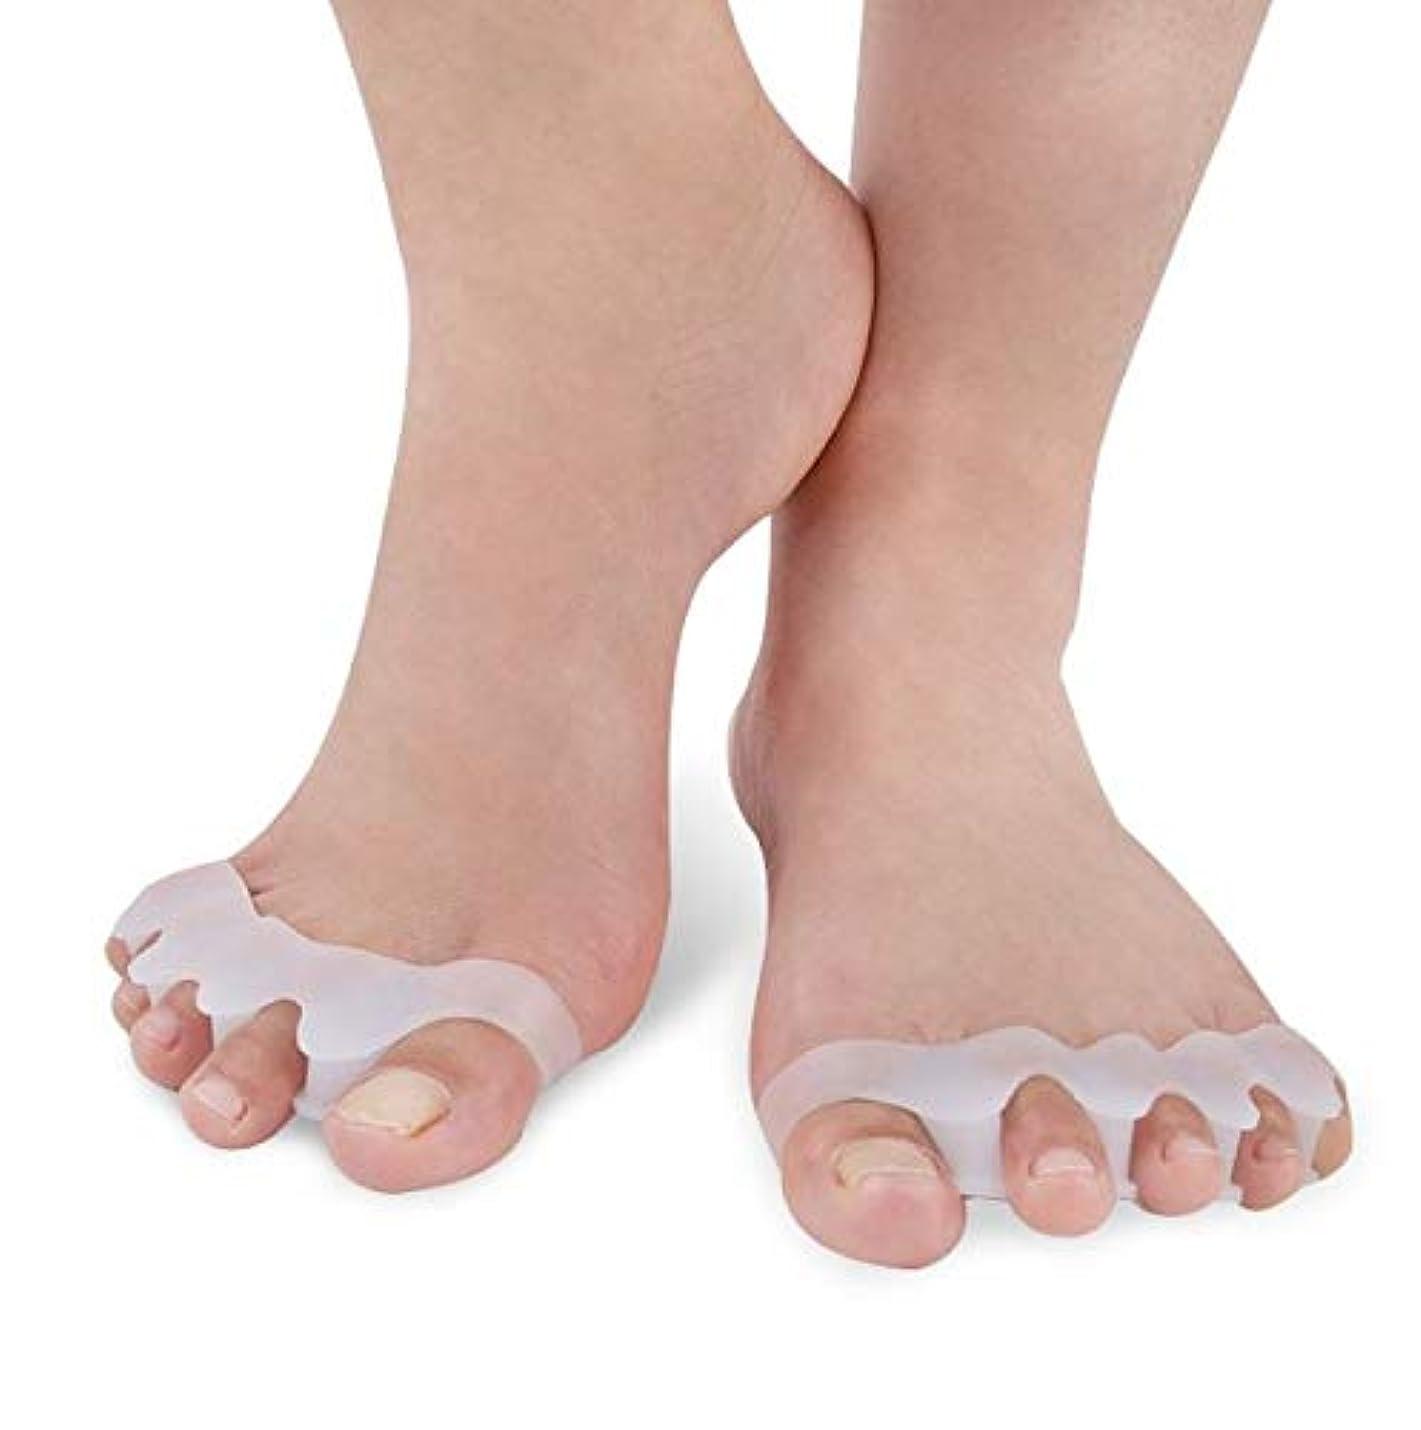 マークされた彫る突然JMARS (ジェイマーズ) 日本人女性用 足指サポーター 柔らかシリコン製 水洗い対応可能品